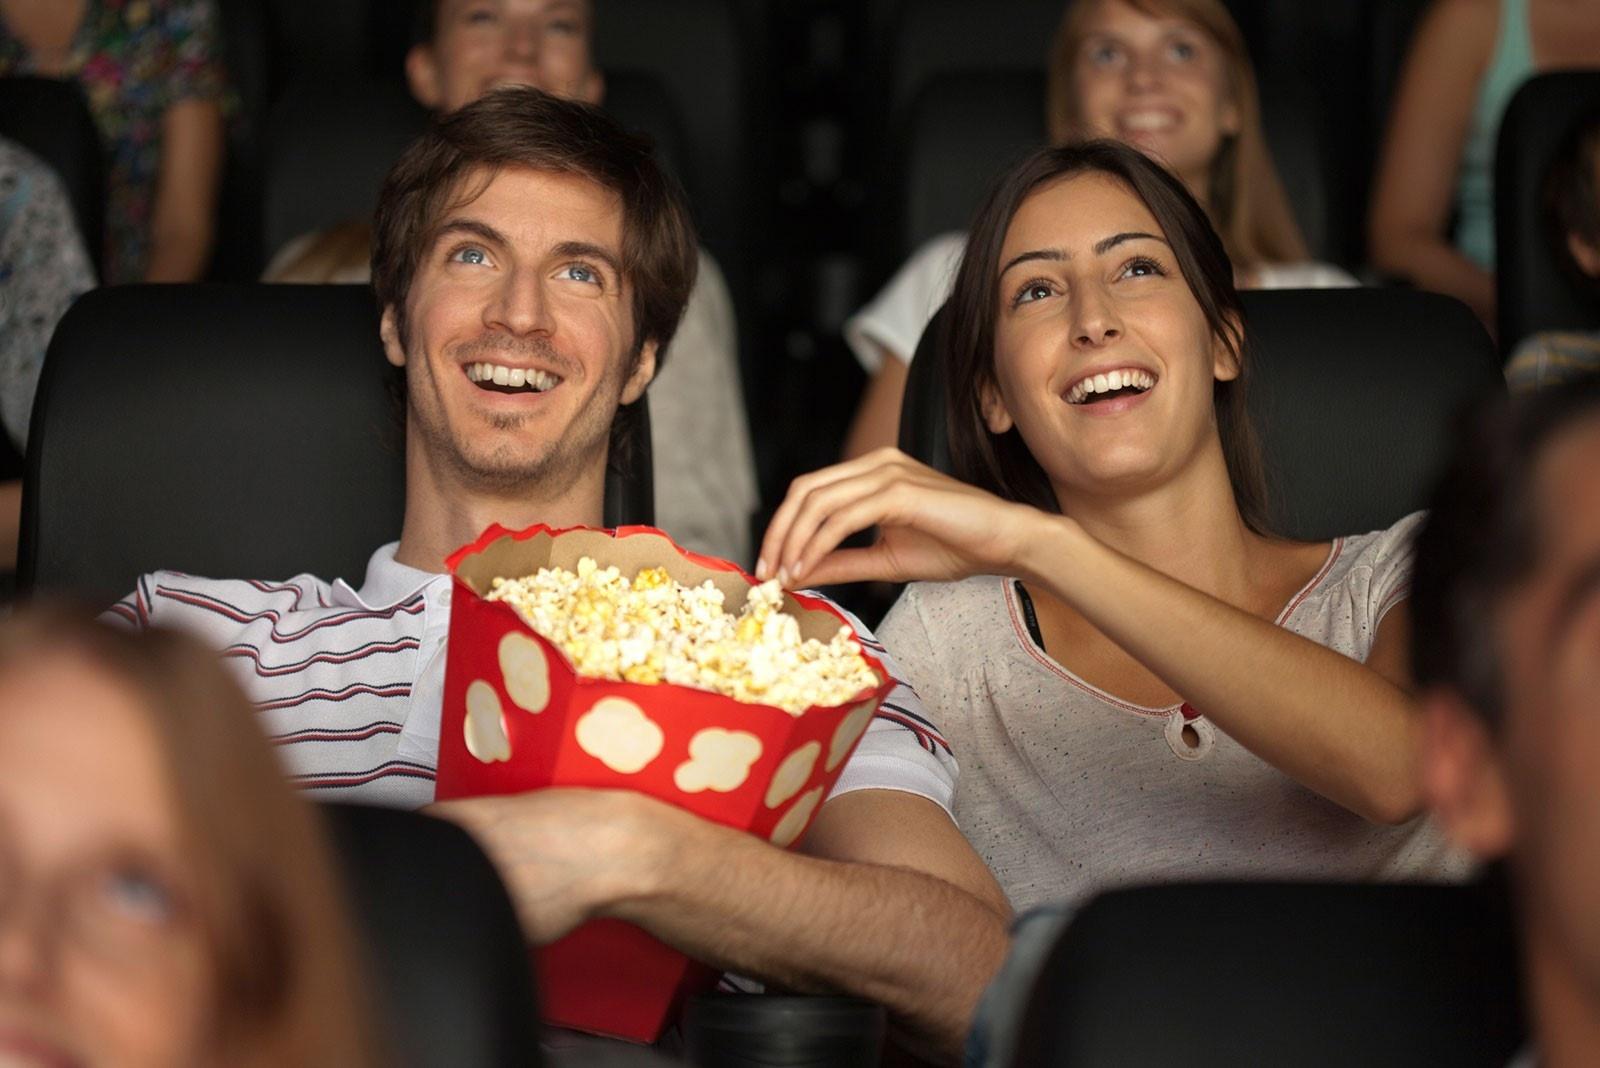 Lịch sử của món bỏng ngô trong rạp chiếu phim